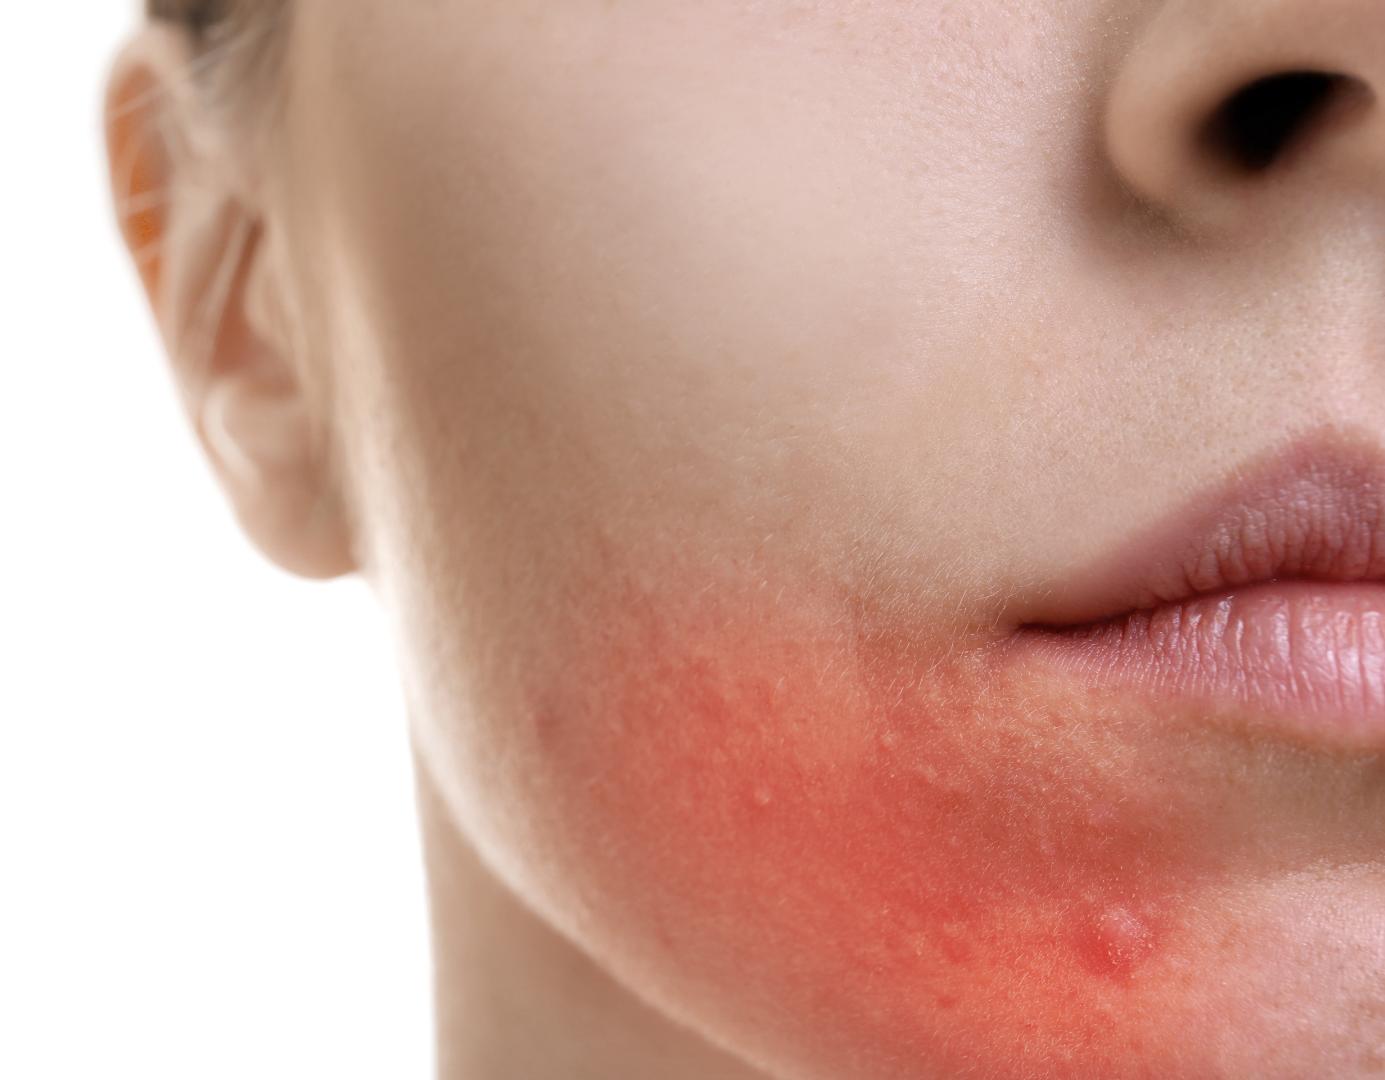 rosacea inflamed skin